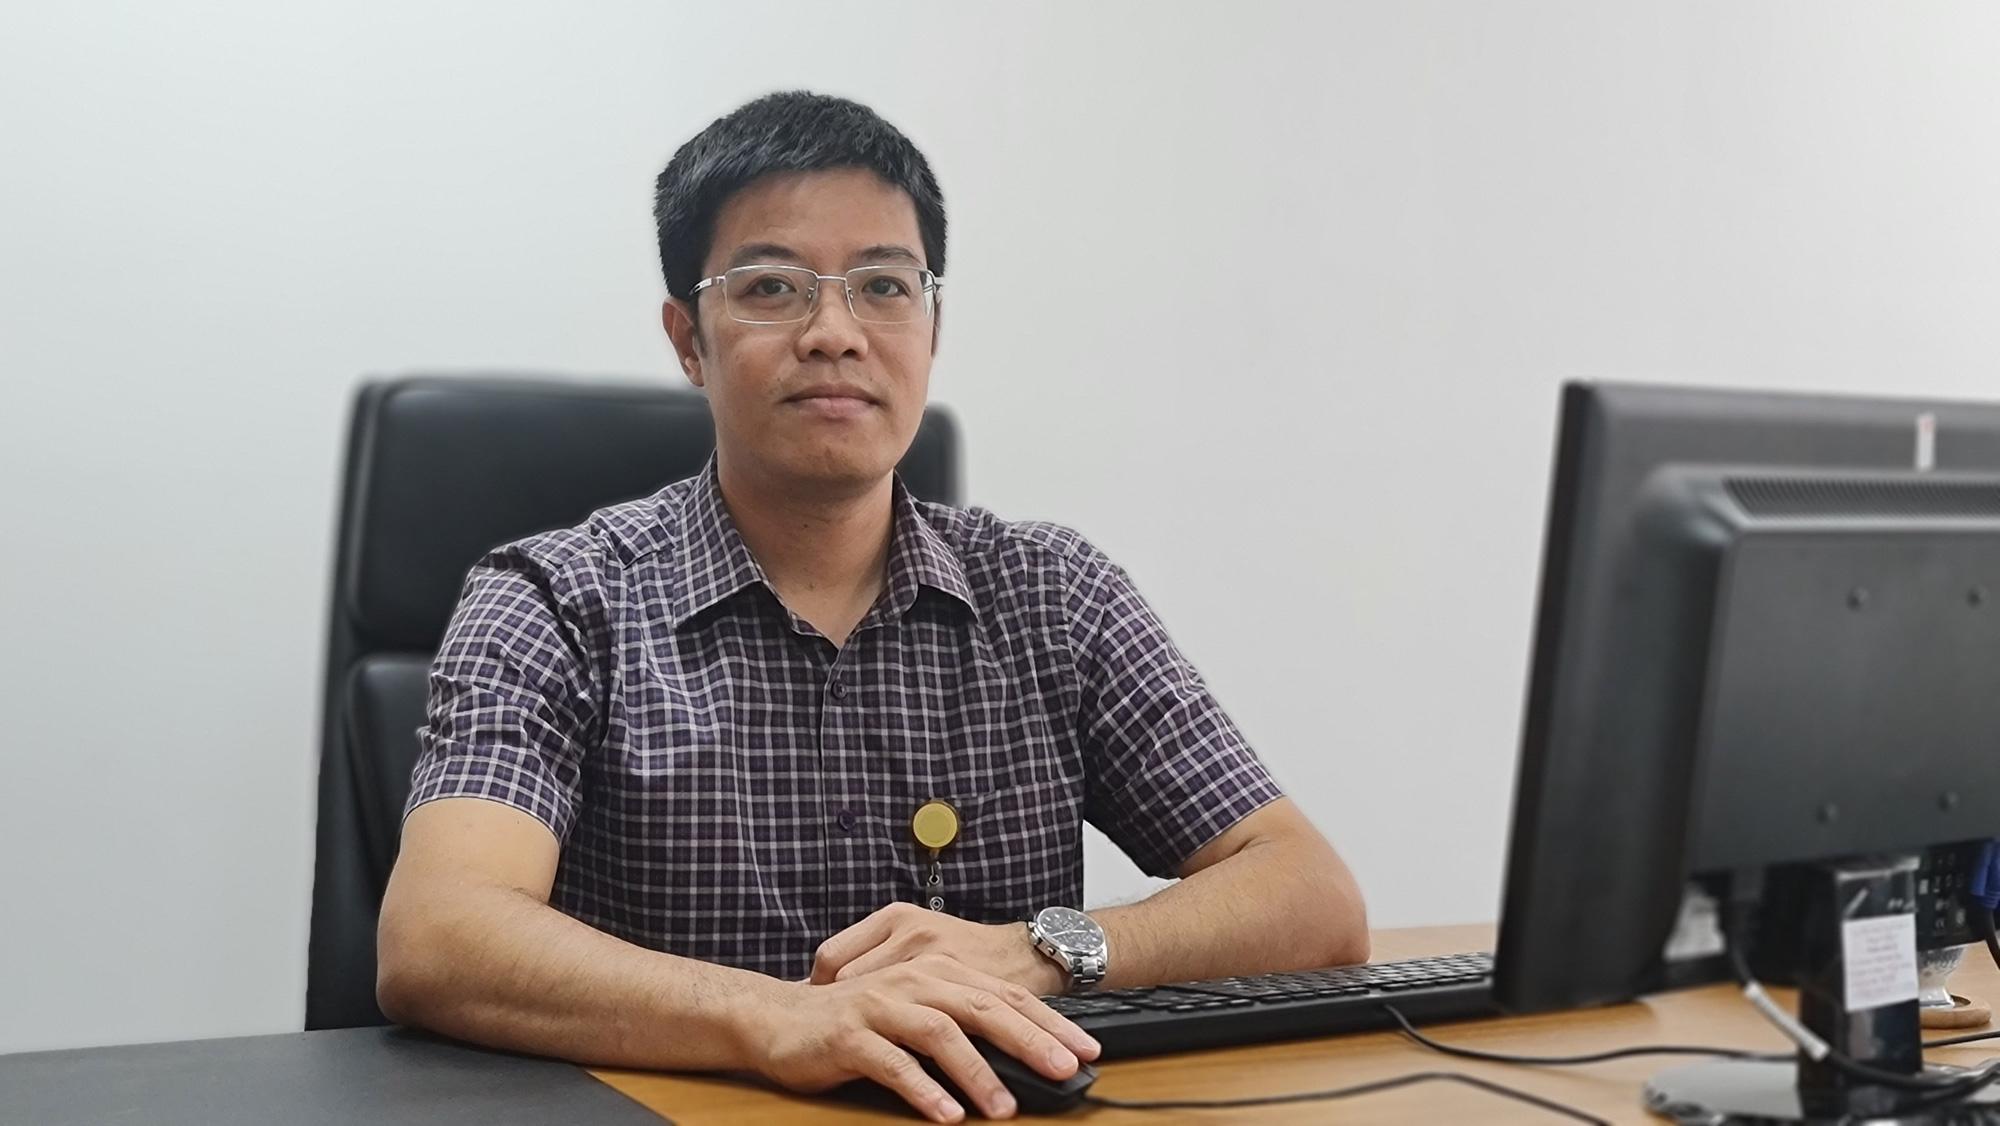 Ông Nguyễn Thành Chung, Phó Cục trưởng Cục Phát thanh Truyền hình và Thông tin Điện tử: Chuyển đổi số là giải pháp duy nhất cho sự phát triển bền vững của ngành PTTH - Ảnh 1.